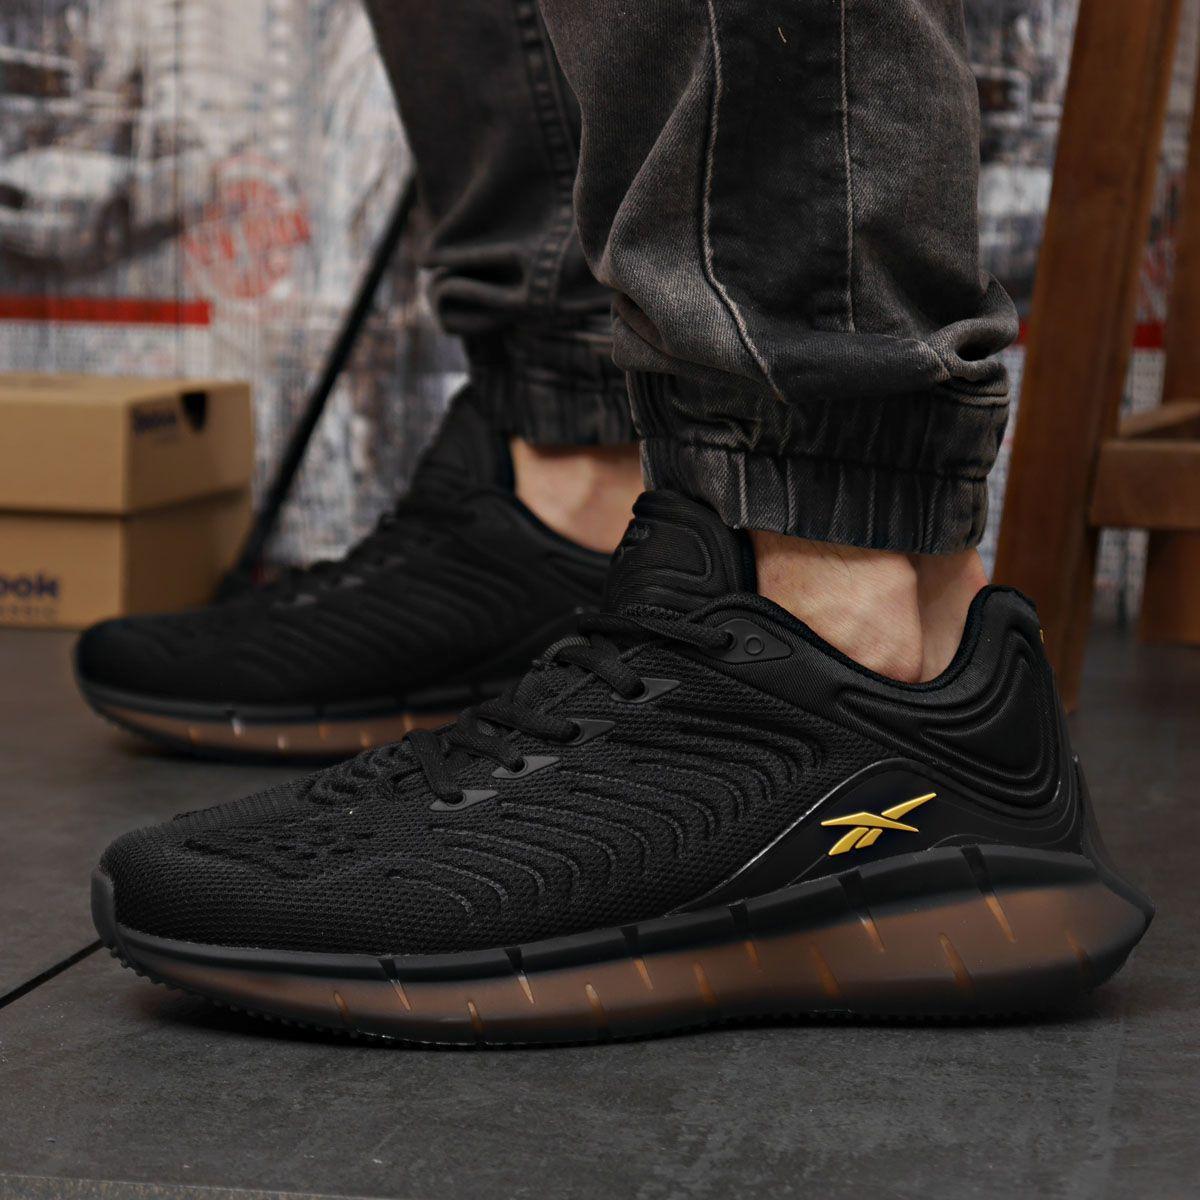 Мужские кроссовки Reebok Zig Kinetica черные / кроссовки Рибок Зиг Кинетика (Топ реплика ААА+)